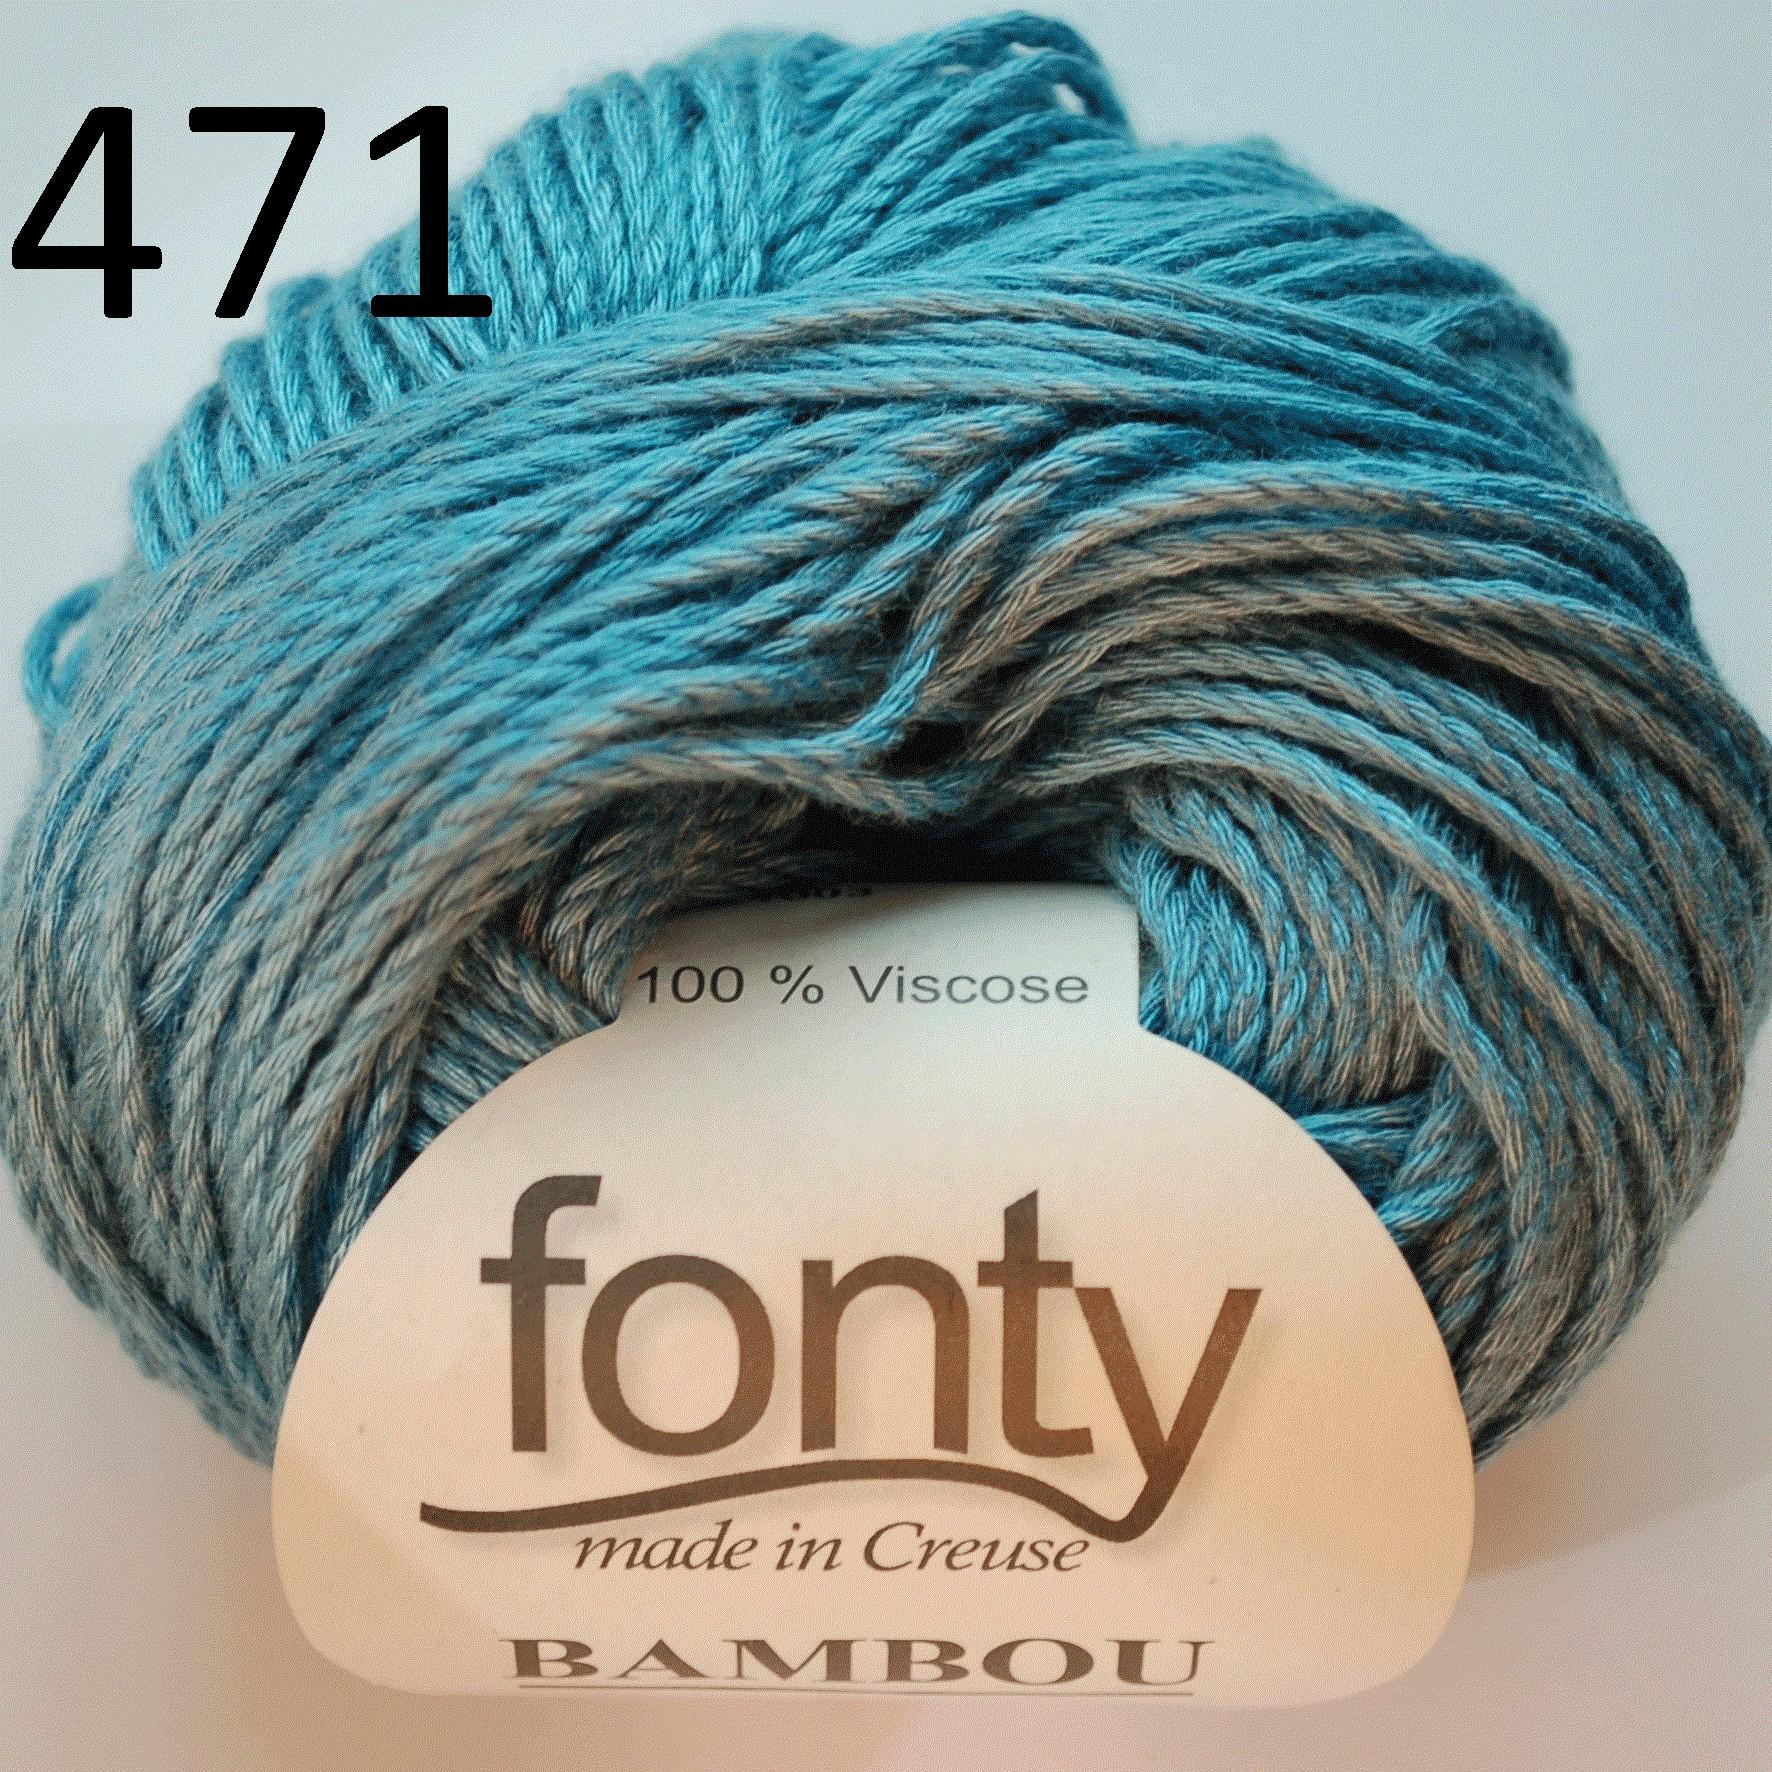 Bambou 471